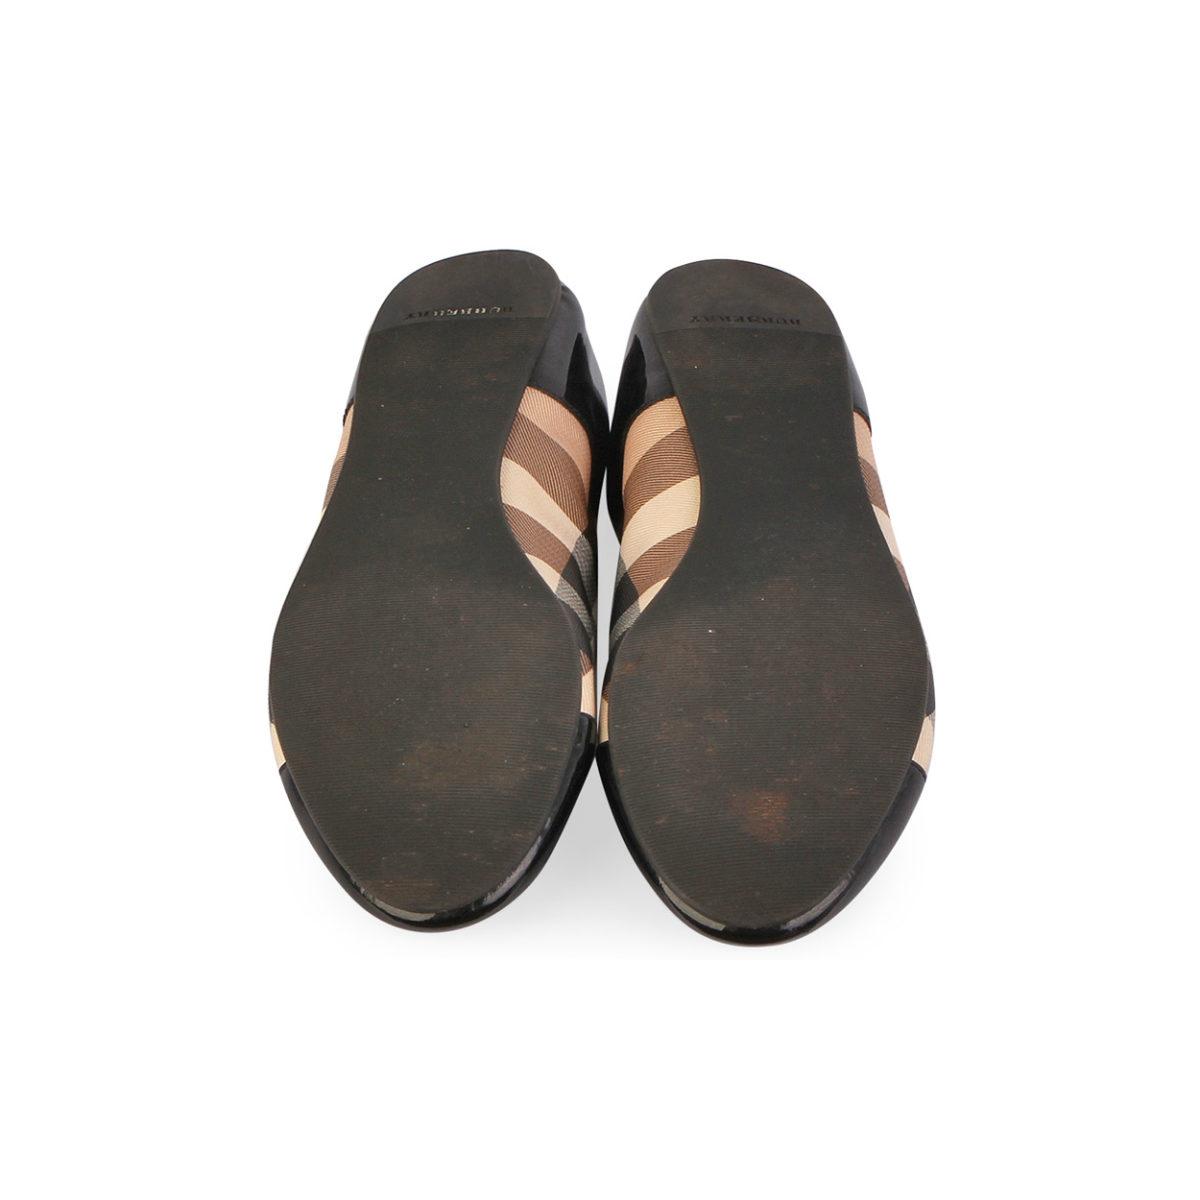 Black Leather Ballerina Shoes Uk